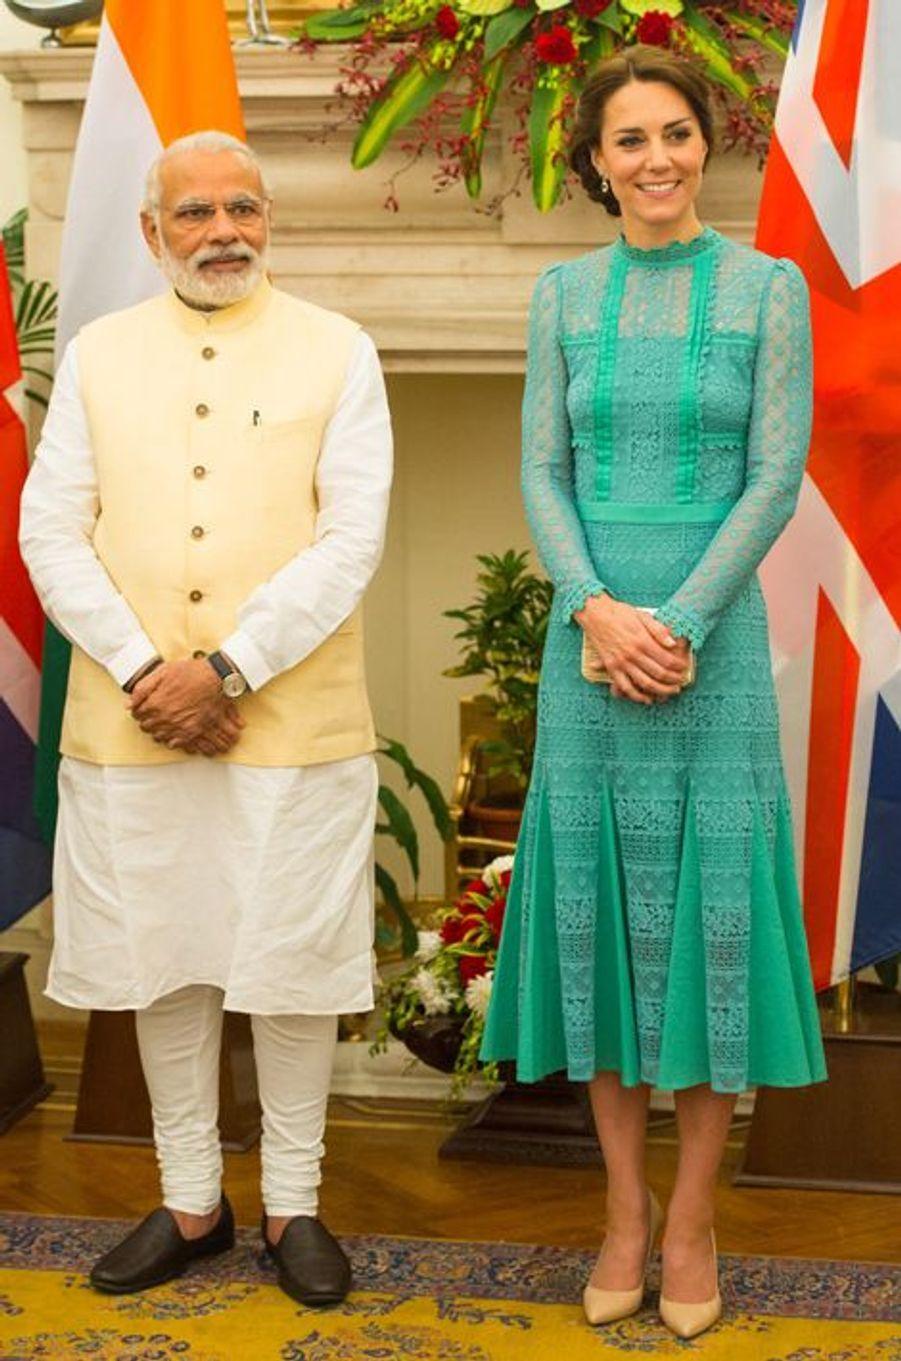 La duchesse Catherine de Cambridge en Temperley London, le 12 avril 2016